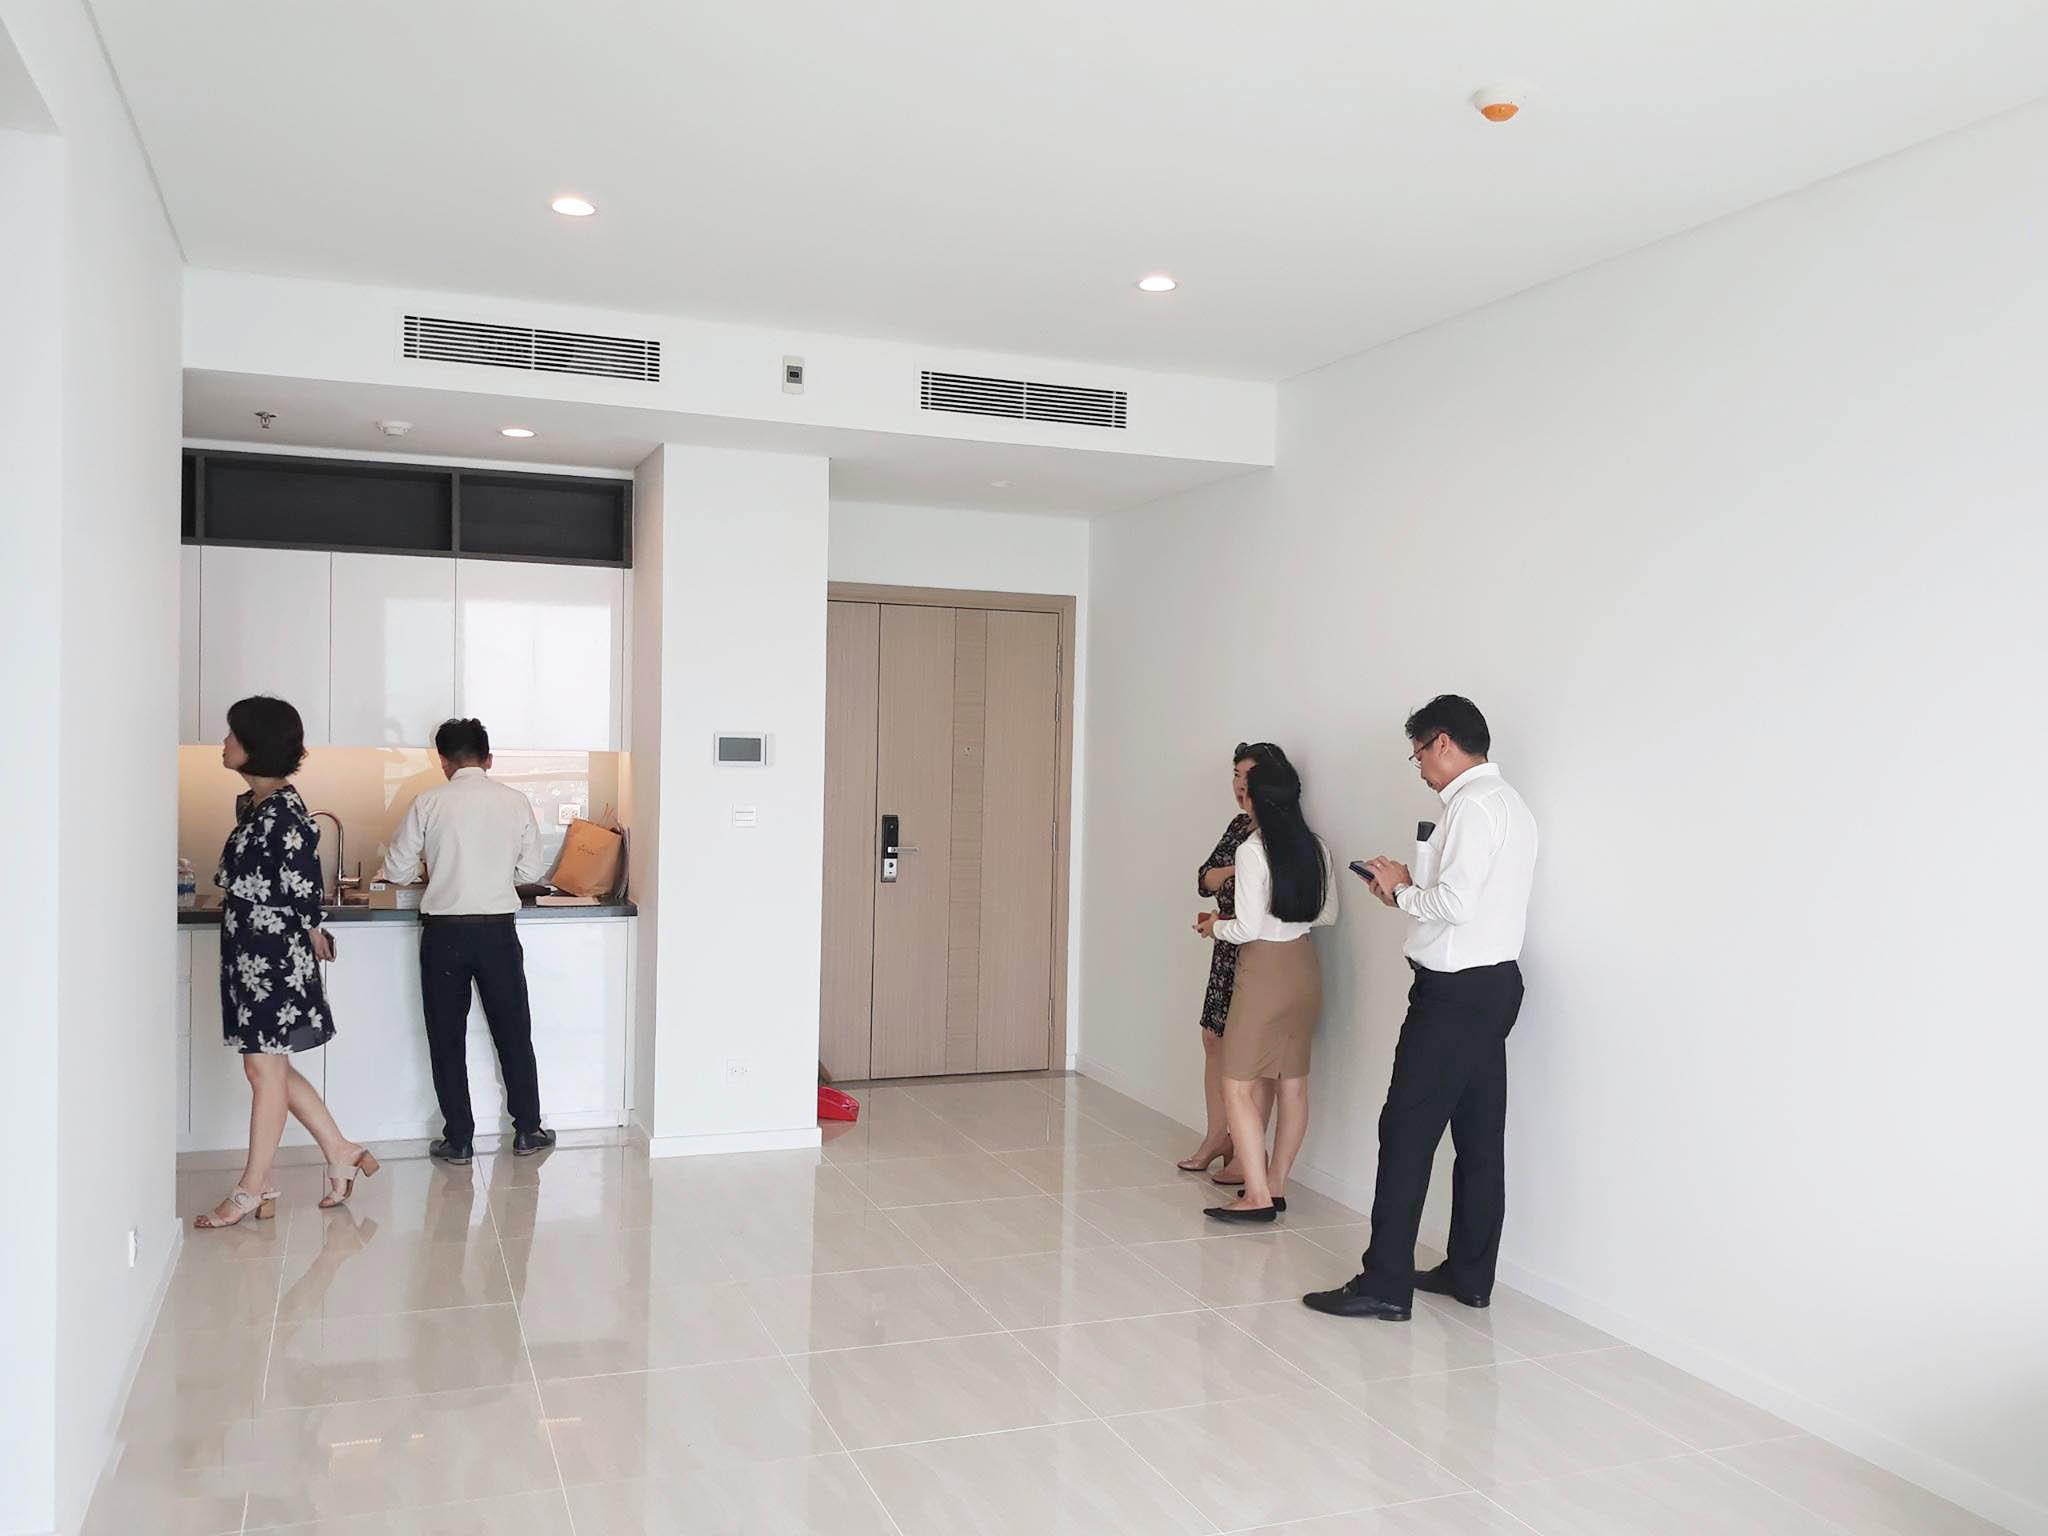 Bàn giao căn hộ Sadora cho khách hàng » Khu đô thị Sala